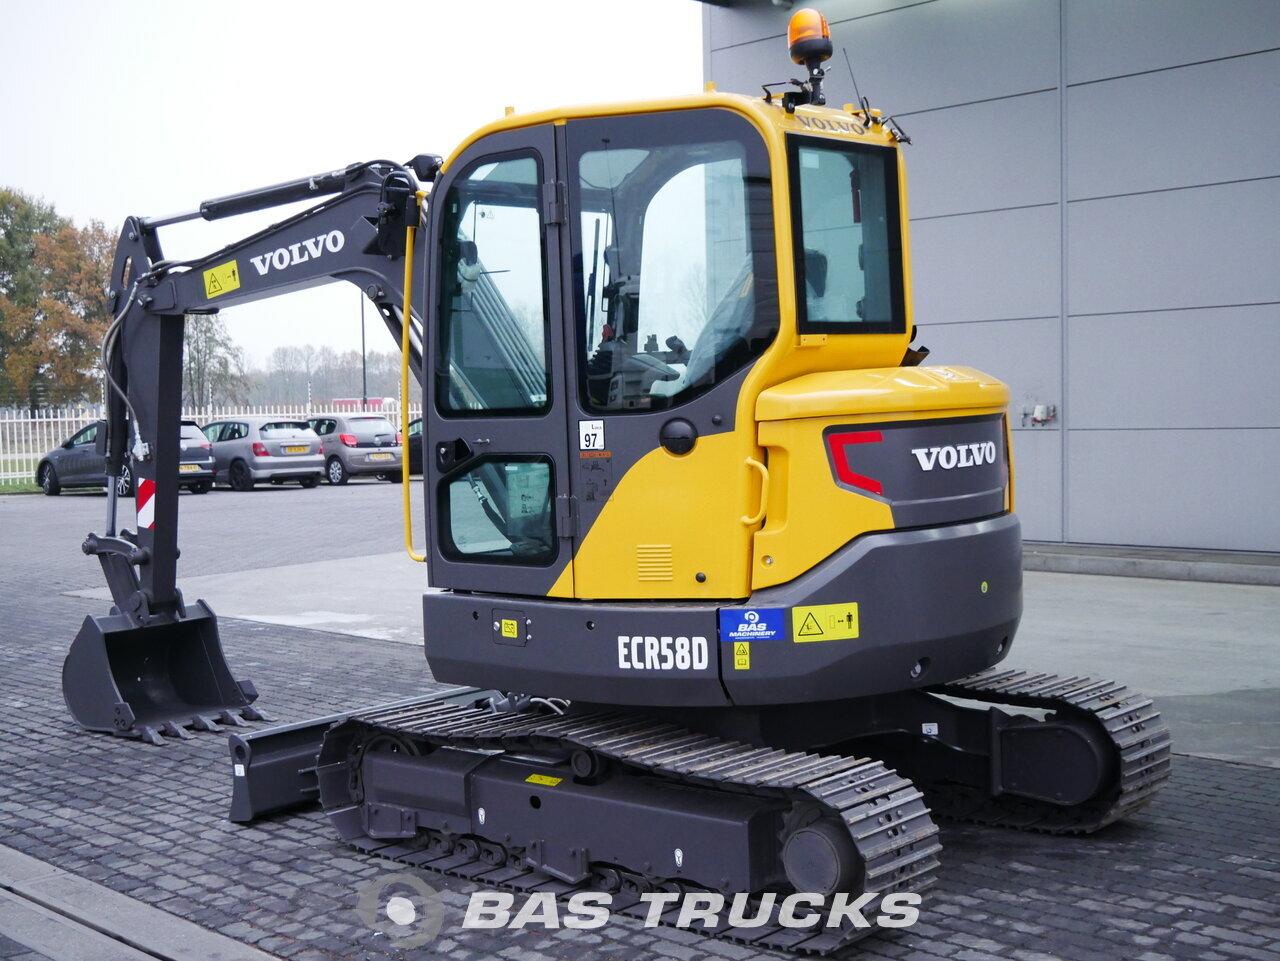 foto de Usado Máquinaria de construcción Volvo ECR58D Track 2018